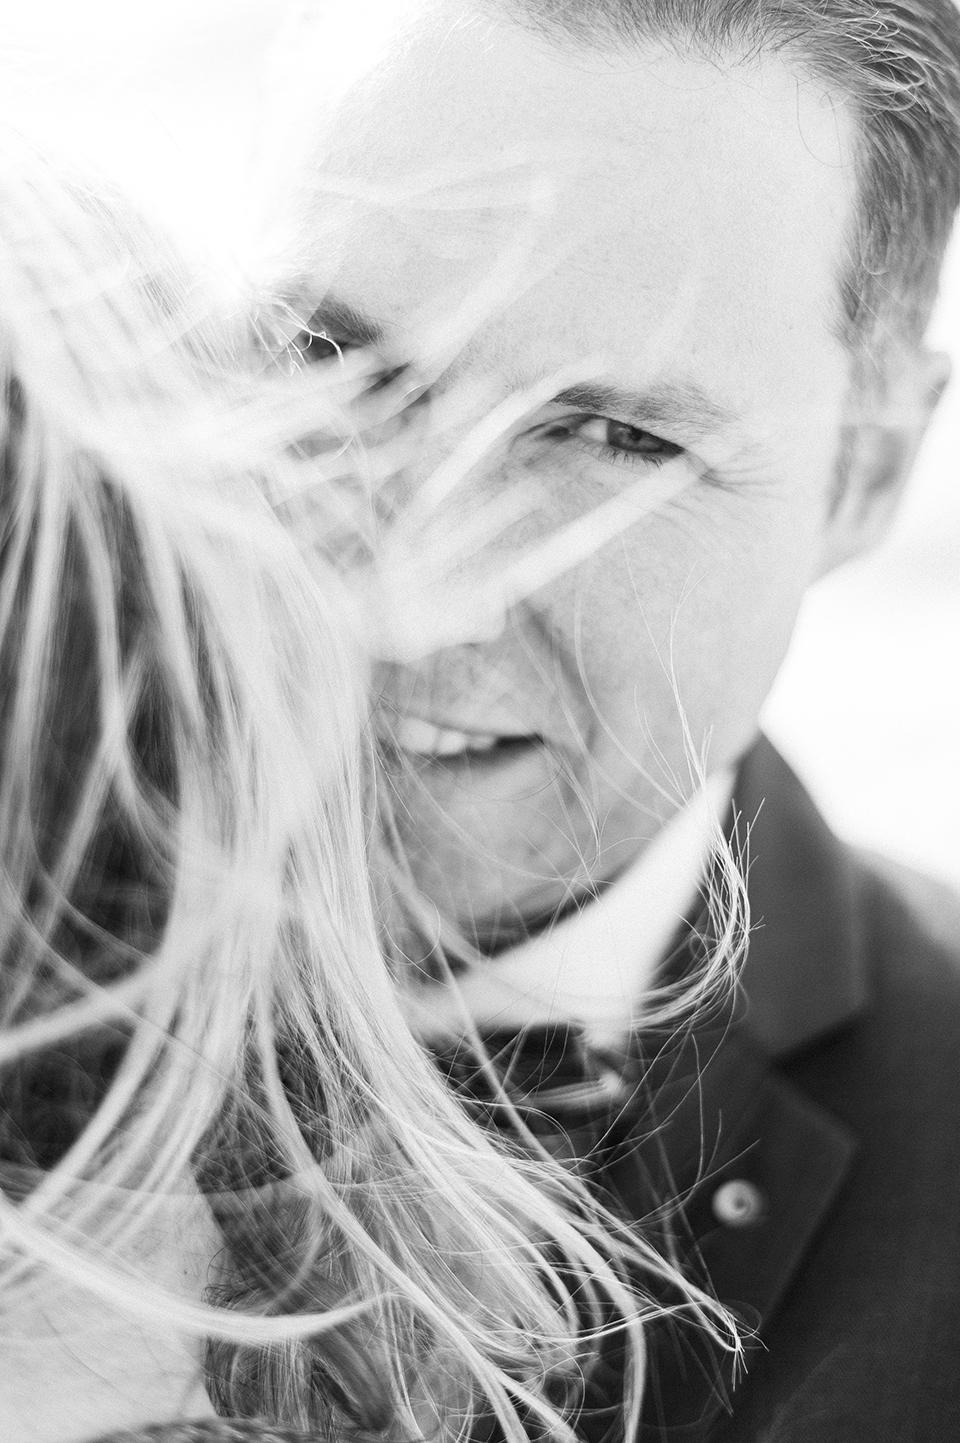 RyanParker_WeddingPhotographer_CapeTown_Hermanus_PringleBay_SouthAfrica_T&R_DSC_5679.jpg